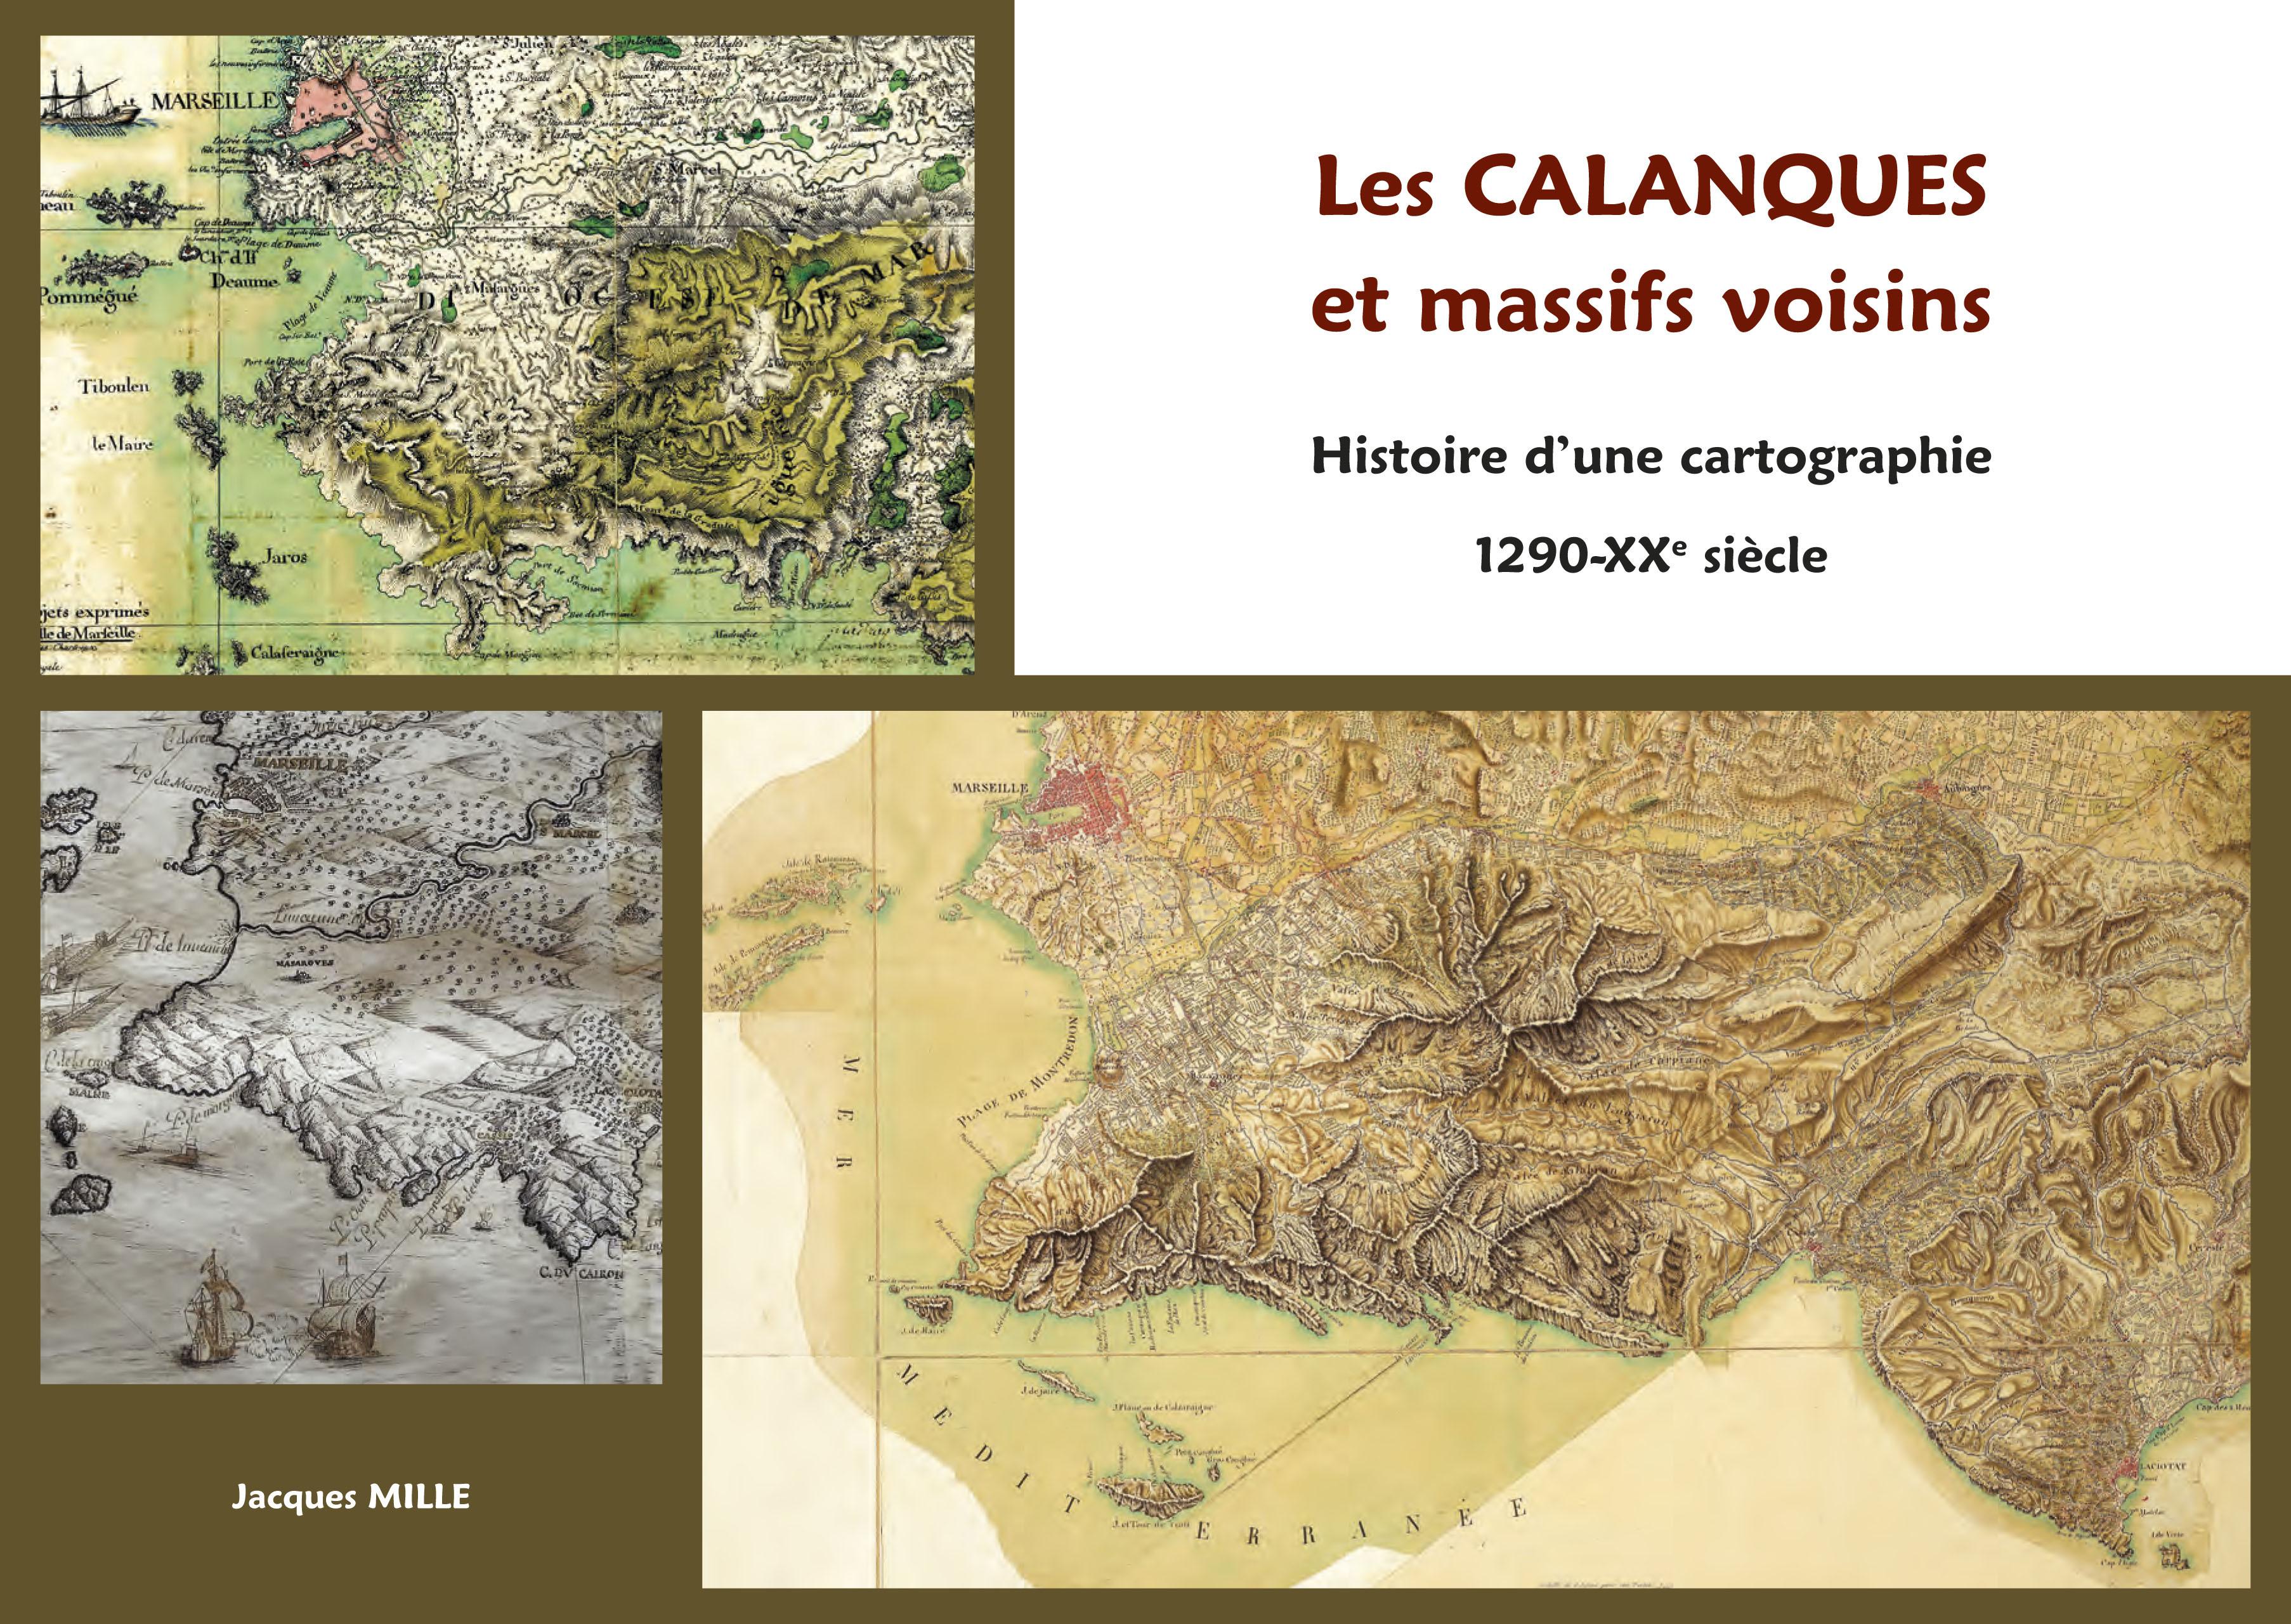 LES CALANQUES ET MASSIFS VOISINS. HISTOIRE D'UNE CARTOGRAPHIE : 1290-XXE SIECLE